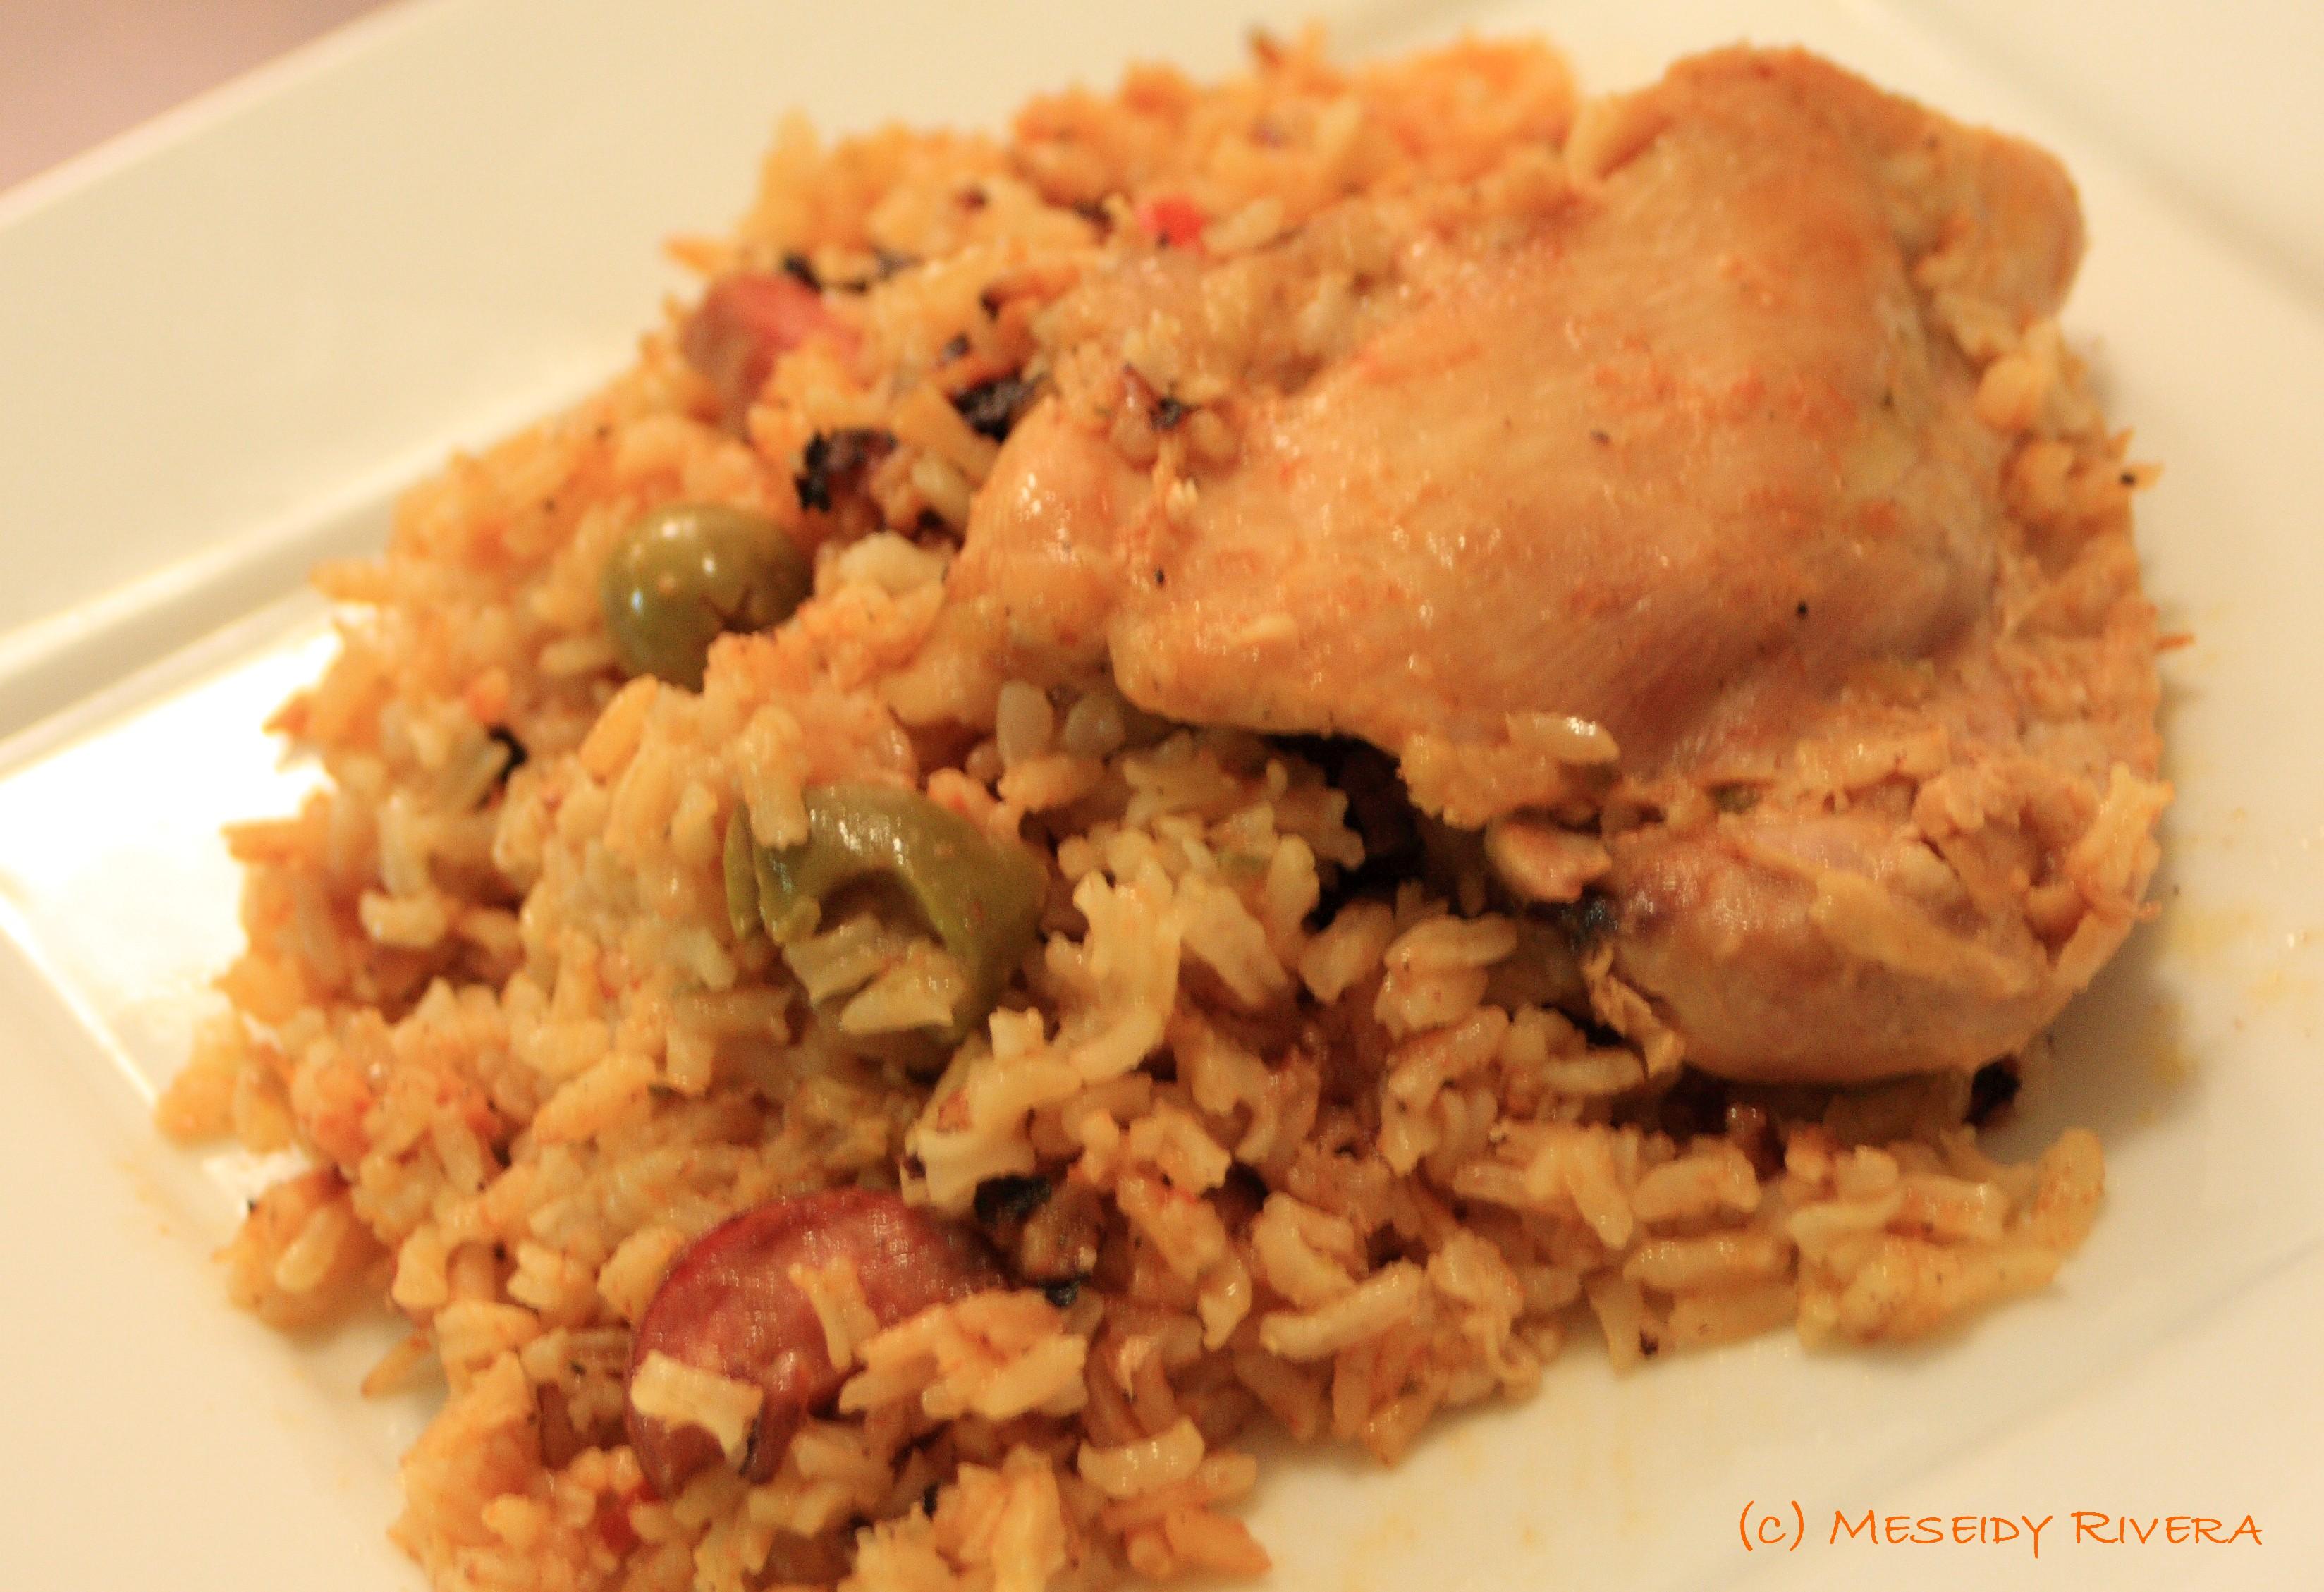 Arroz con gandules y pollo - Arroz caldoso con costillas y alcachofas ...